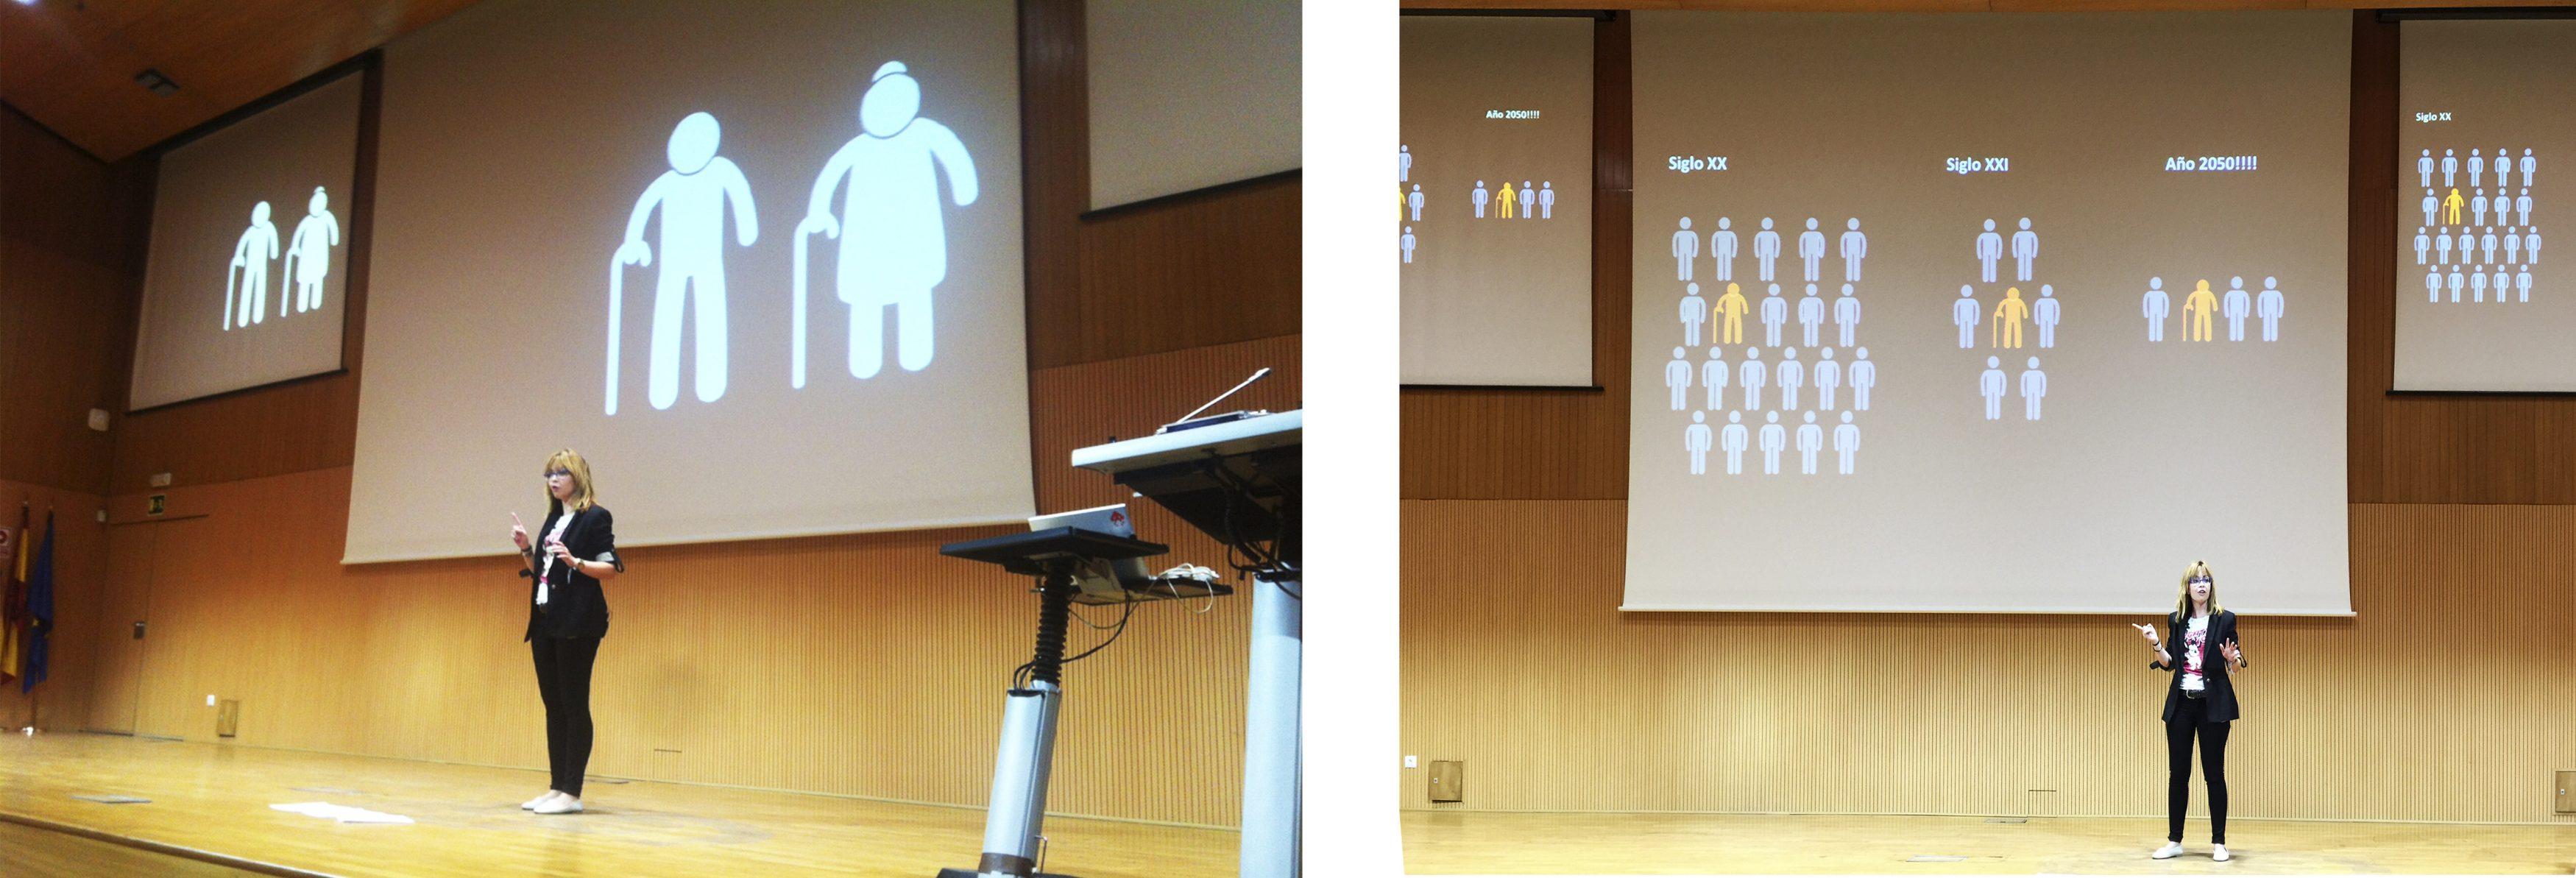 Investigación y difusión sobre color y arquitectura para personas mayores. Salón de Congresos UPV. Ponente: Anna Delcampo Carda